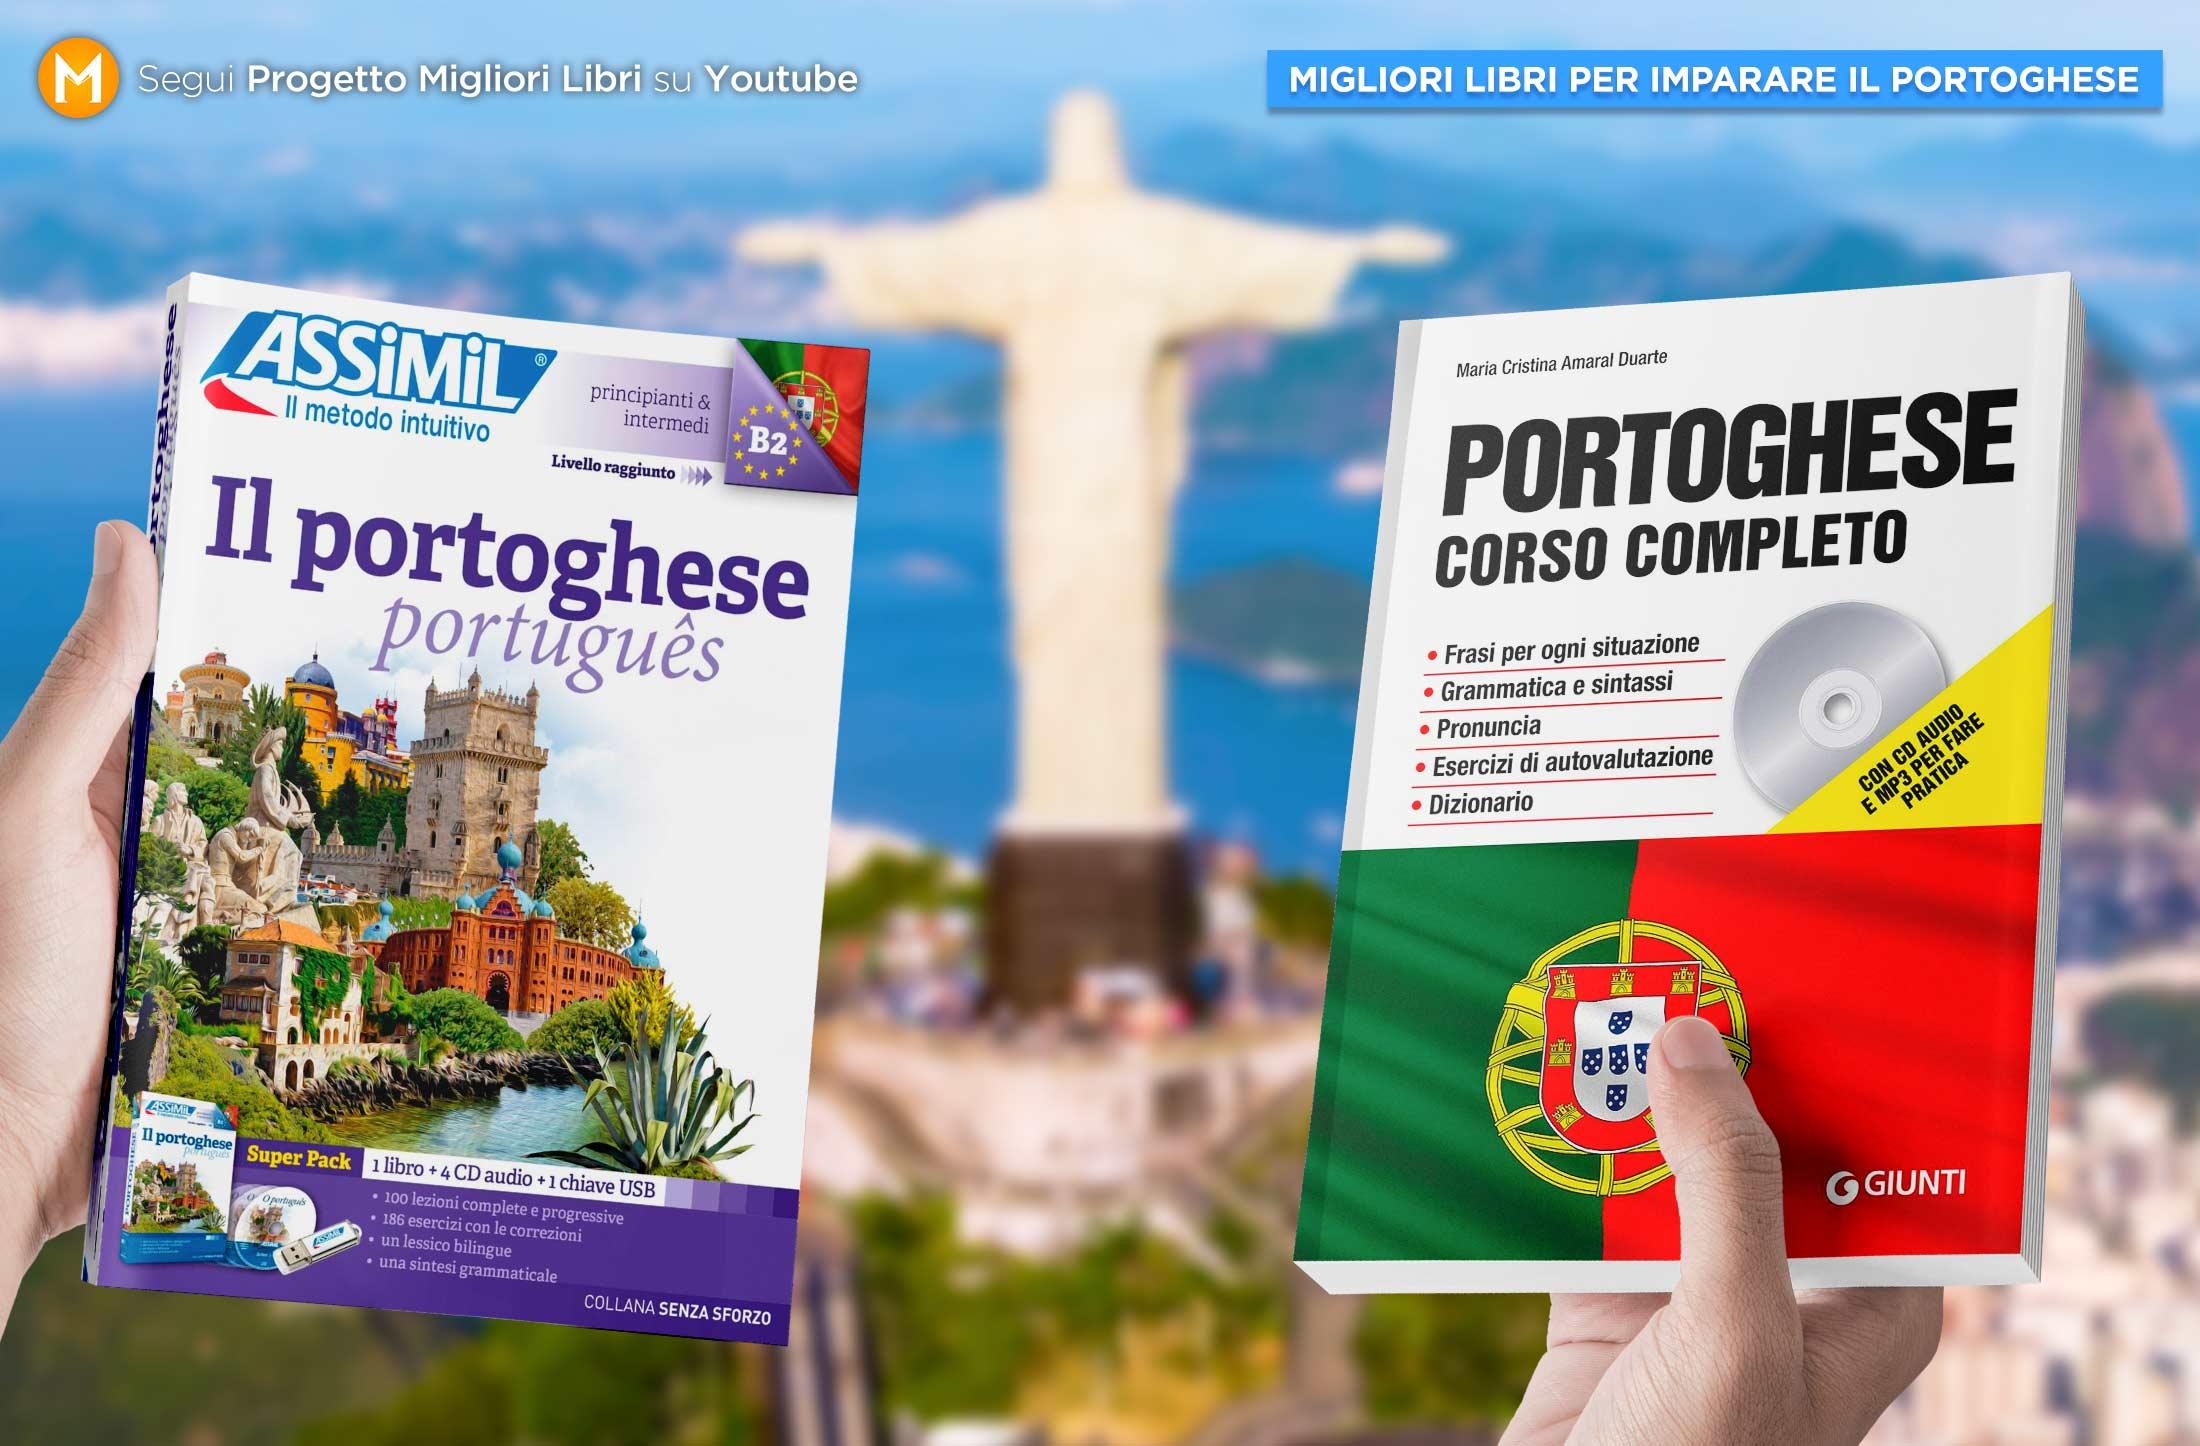 migliori-libri-per-imparare-il-portoghese